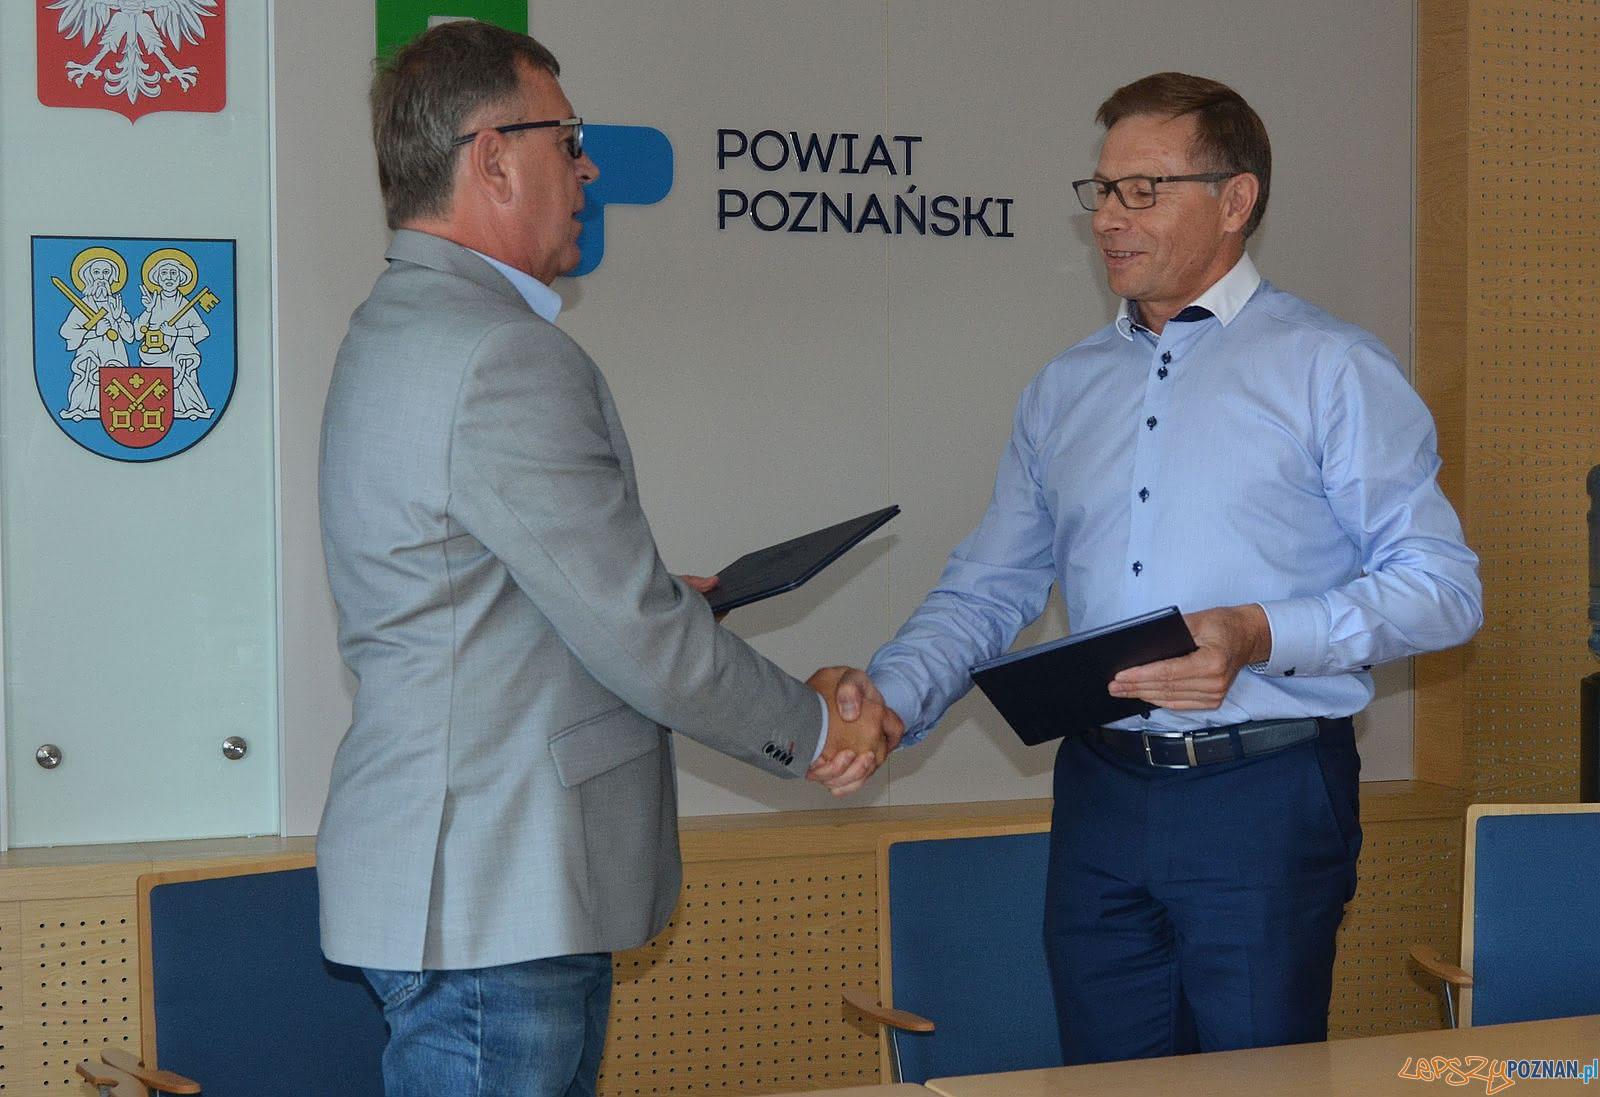 Podpisanie porozumienia  Foto: Powiat Poznański - materiały prasowe